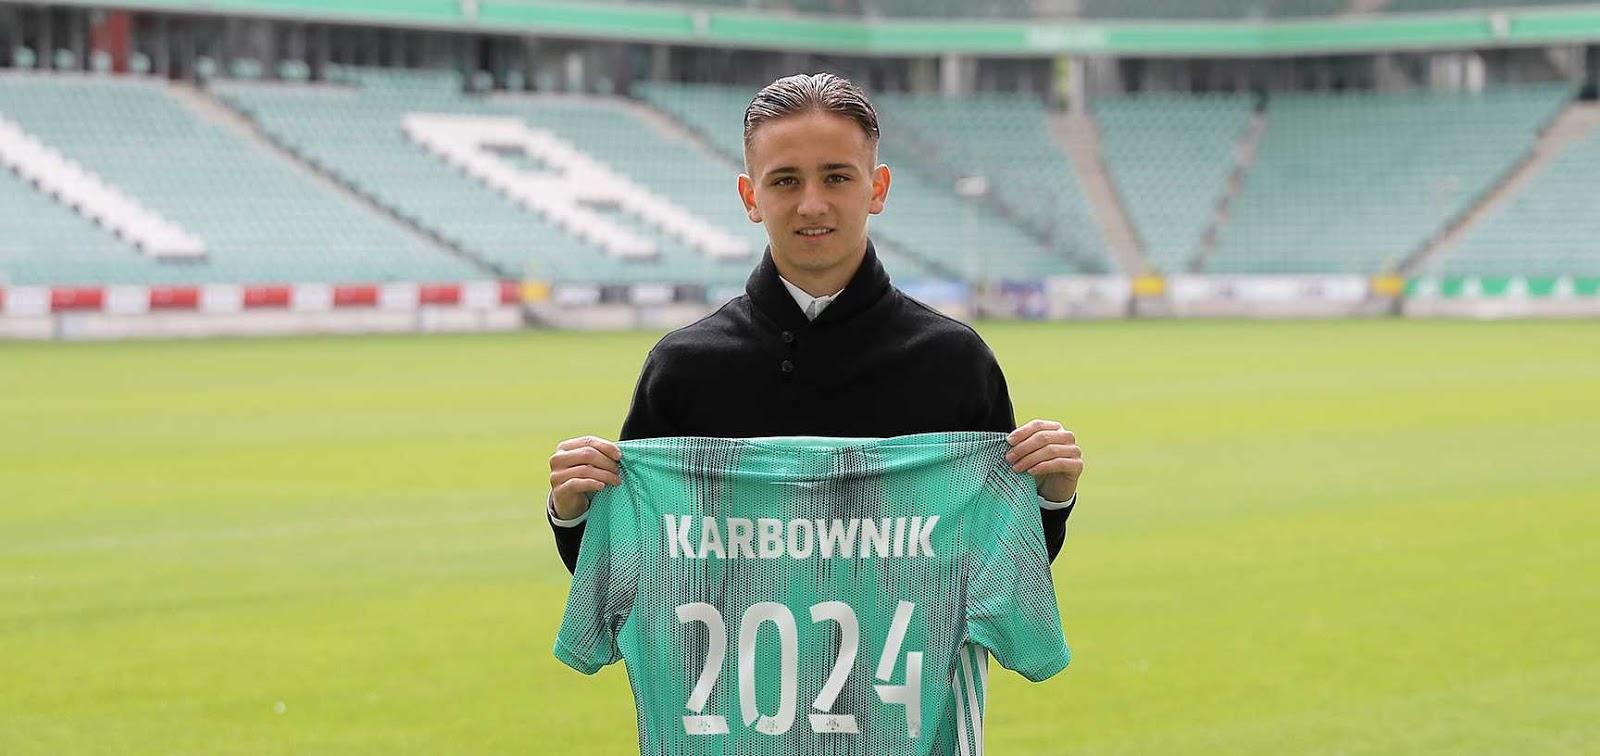 Michał Karbownik<br><br>fot. Legia Warszawa / legia.com